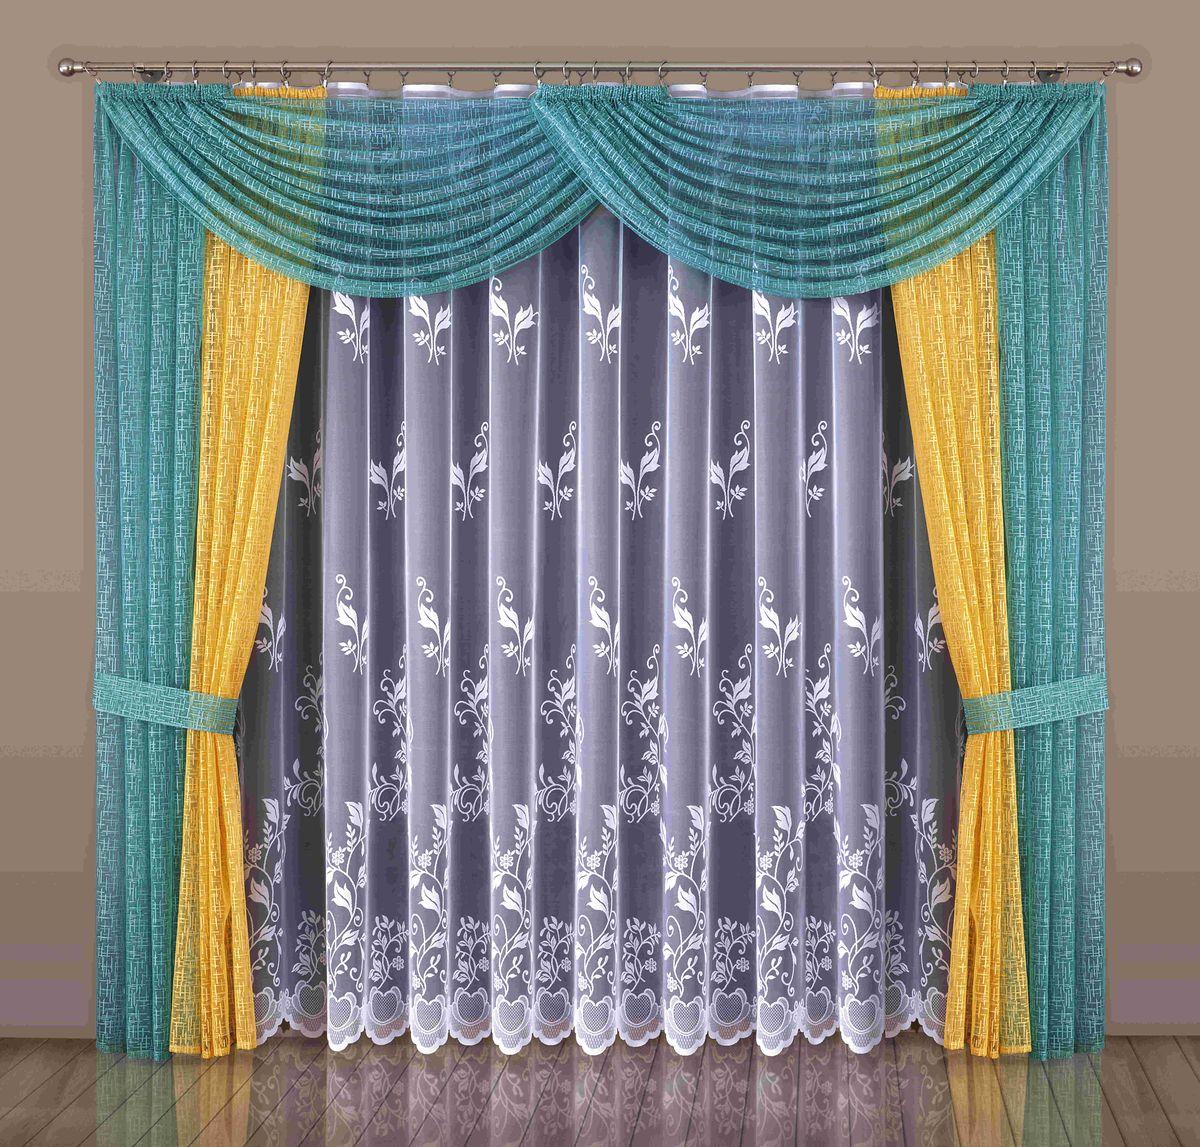 Комплект штор Wisan Maryla, на ленте, цвет: оранжевый, бирюзовый, высота 250 смW541Комплект штор Wisan Maryla выполненный из полиэстера, великолепно украсит любое окно. Тонкое плетение, оригинальный дизайн привлекут к себе внимание и органично впишутся в интерьер. Комплект состоит из 2 штор, тюля, ламбрекена и 2 подхватов. Кружевной узор придает комплекту особый стиль и шарм. Тонкое жаккардовое плетение, нежная цветовая гамма и роскошное исполнение - все это делает шторы Wisan Maryla замечательным дополнением интерьера помещения. Все предметы комплекта оснащены шторной лентой для красивой драпировки. В комплект входит: Штора - 2 шт. Размер (ШхВ): 250 см х 250 см. Тюль - 1 шт. Размер (ШхВ): 450 см х 250 см. Ламбрекен - 1 шт. Размер (ШхВ): 300 см х 55 см. Подхваты - 2 шт. Фирма Wisan на польском рынке существует уже более пятидесяти лет и является одной из лучших польских фабрик по производству штор и тканей. Ассортимент фирмы представлен готовыми комплектами штор для гостиной, детской, кухни, а также...